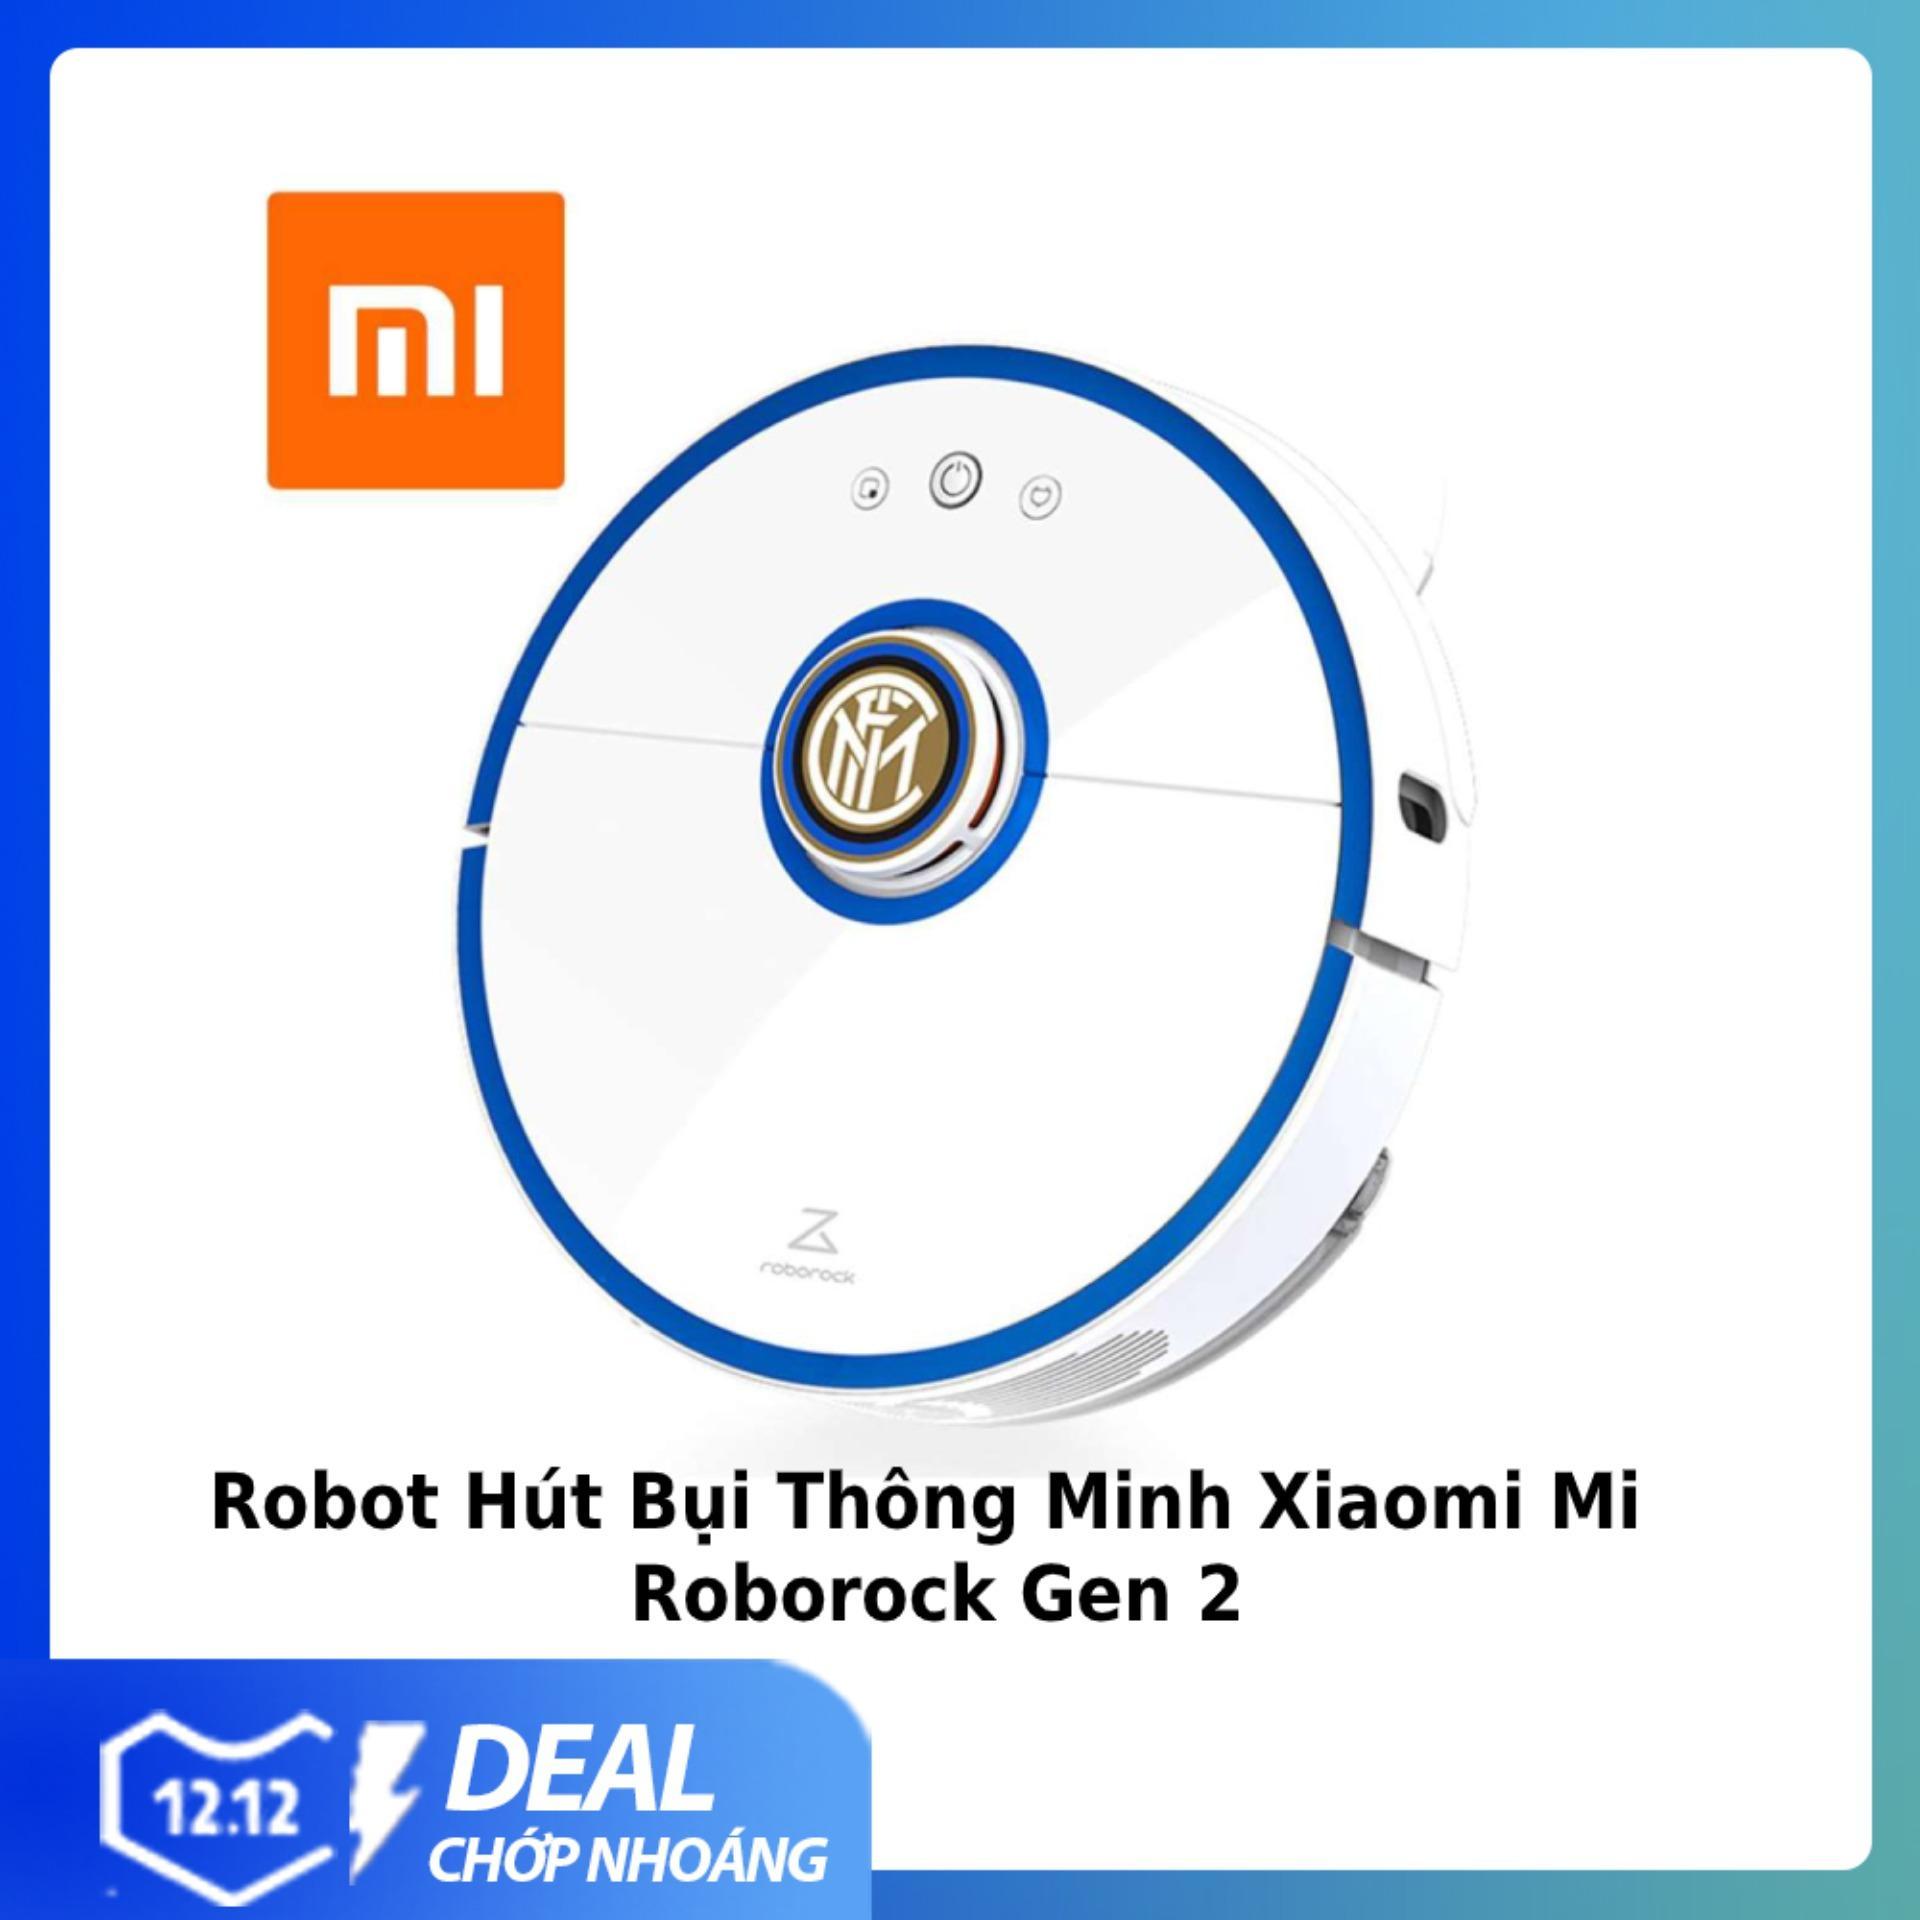 [Bản Quốc Tế] Robot Hút Bụi Thông Minh Xiaomi Mi Roborock  Gen 2 - S50 / S51 / S52 / S55  Áp Suẩt Hút 2000 Pa - Dung Lượng 5200 MAh-Bảo Hành 6 Tháng Siêu Khuyến Mại